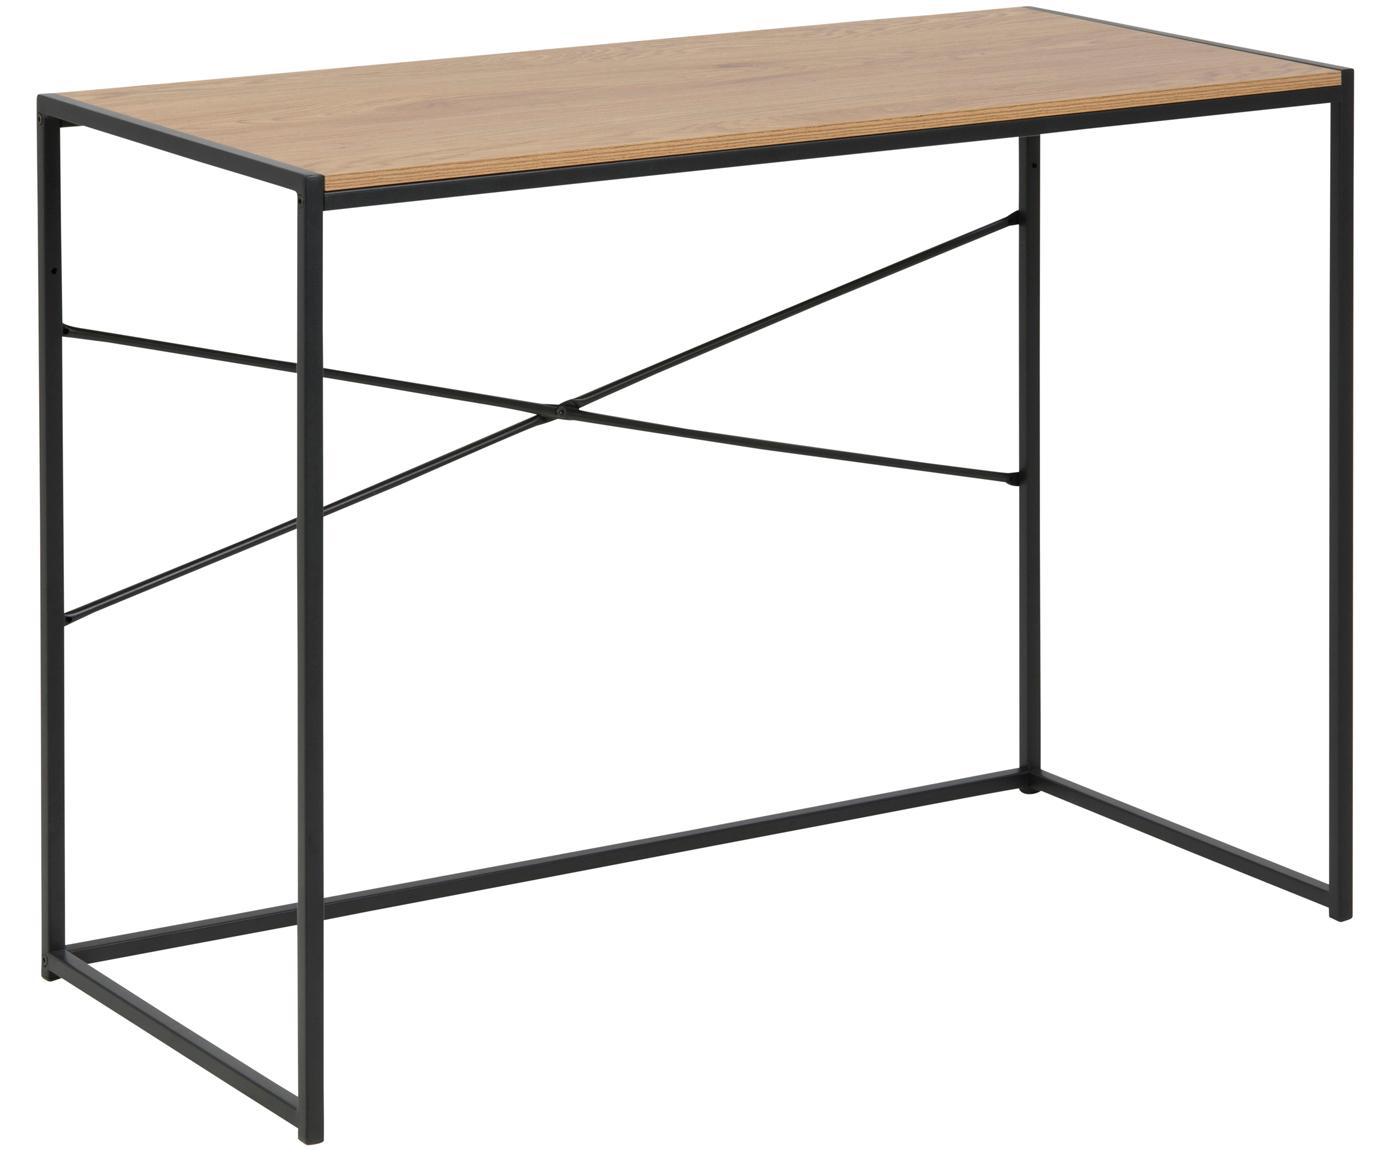 Smal bureau Seaford in industrieel ontwerp, Tafelblad: gecoat MDF, Frame: gepoedercoat metaal, Tafelblad: eikenhoutkleurig. Frame: zwart, B 100 x D 45 cm